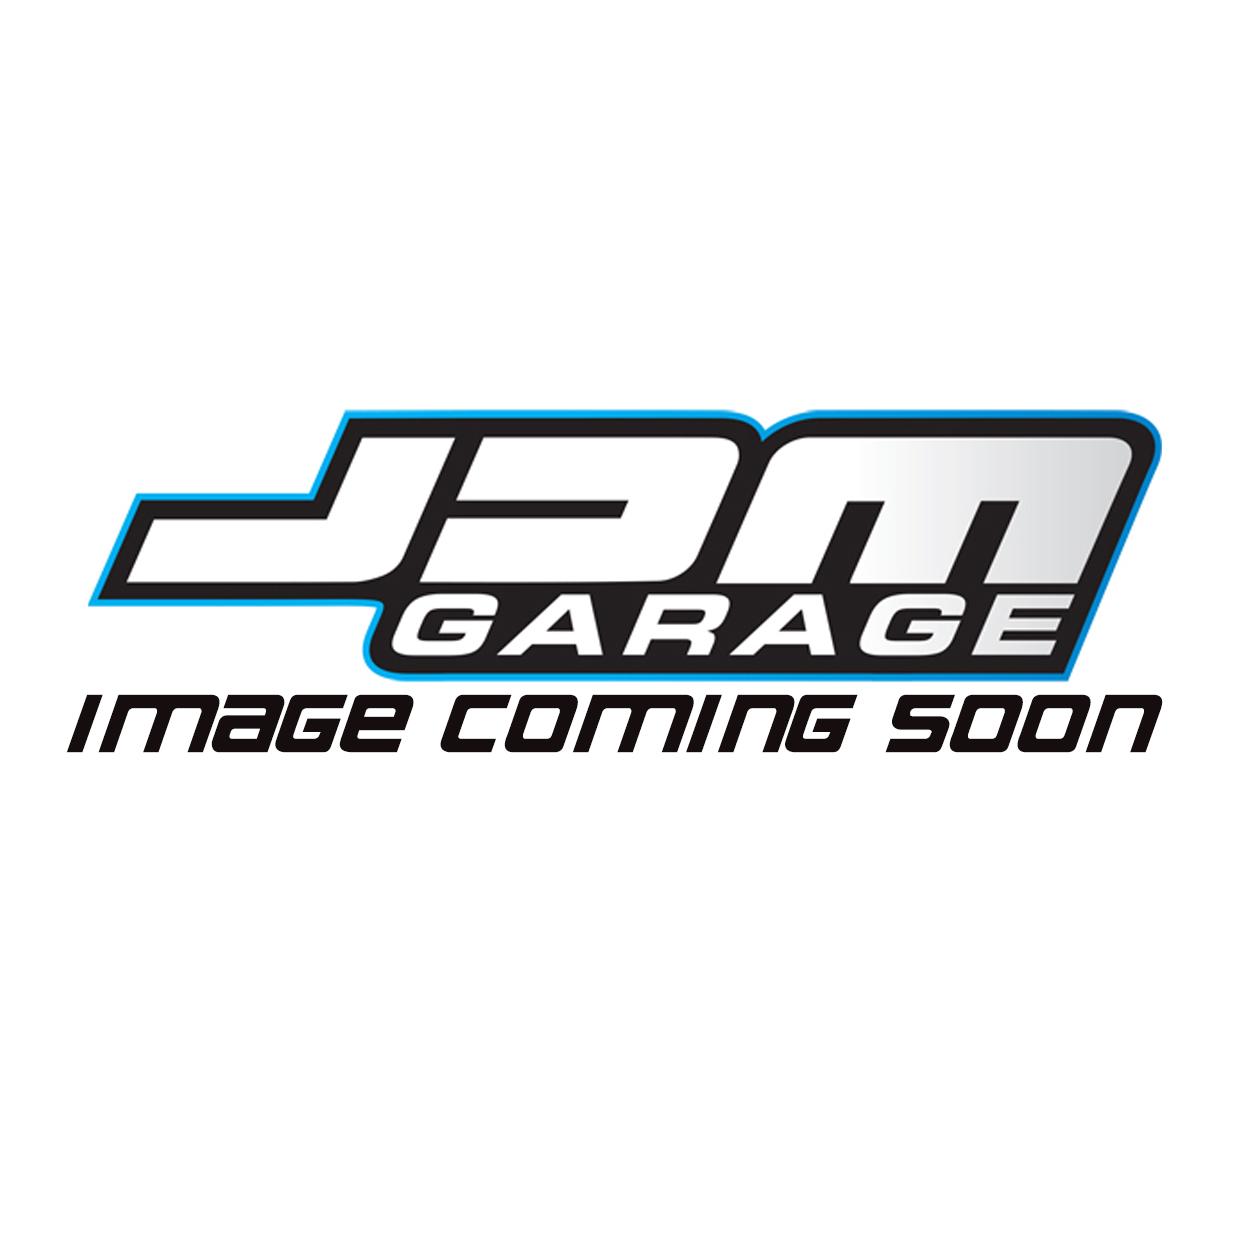 OE Replacement & EBC Greenstuff / Yellowstuff Rear Brake Pads - Nissan Juke